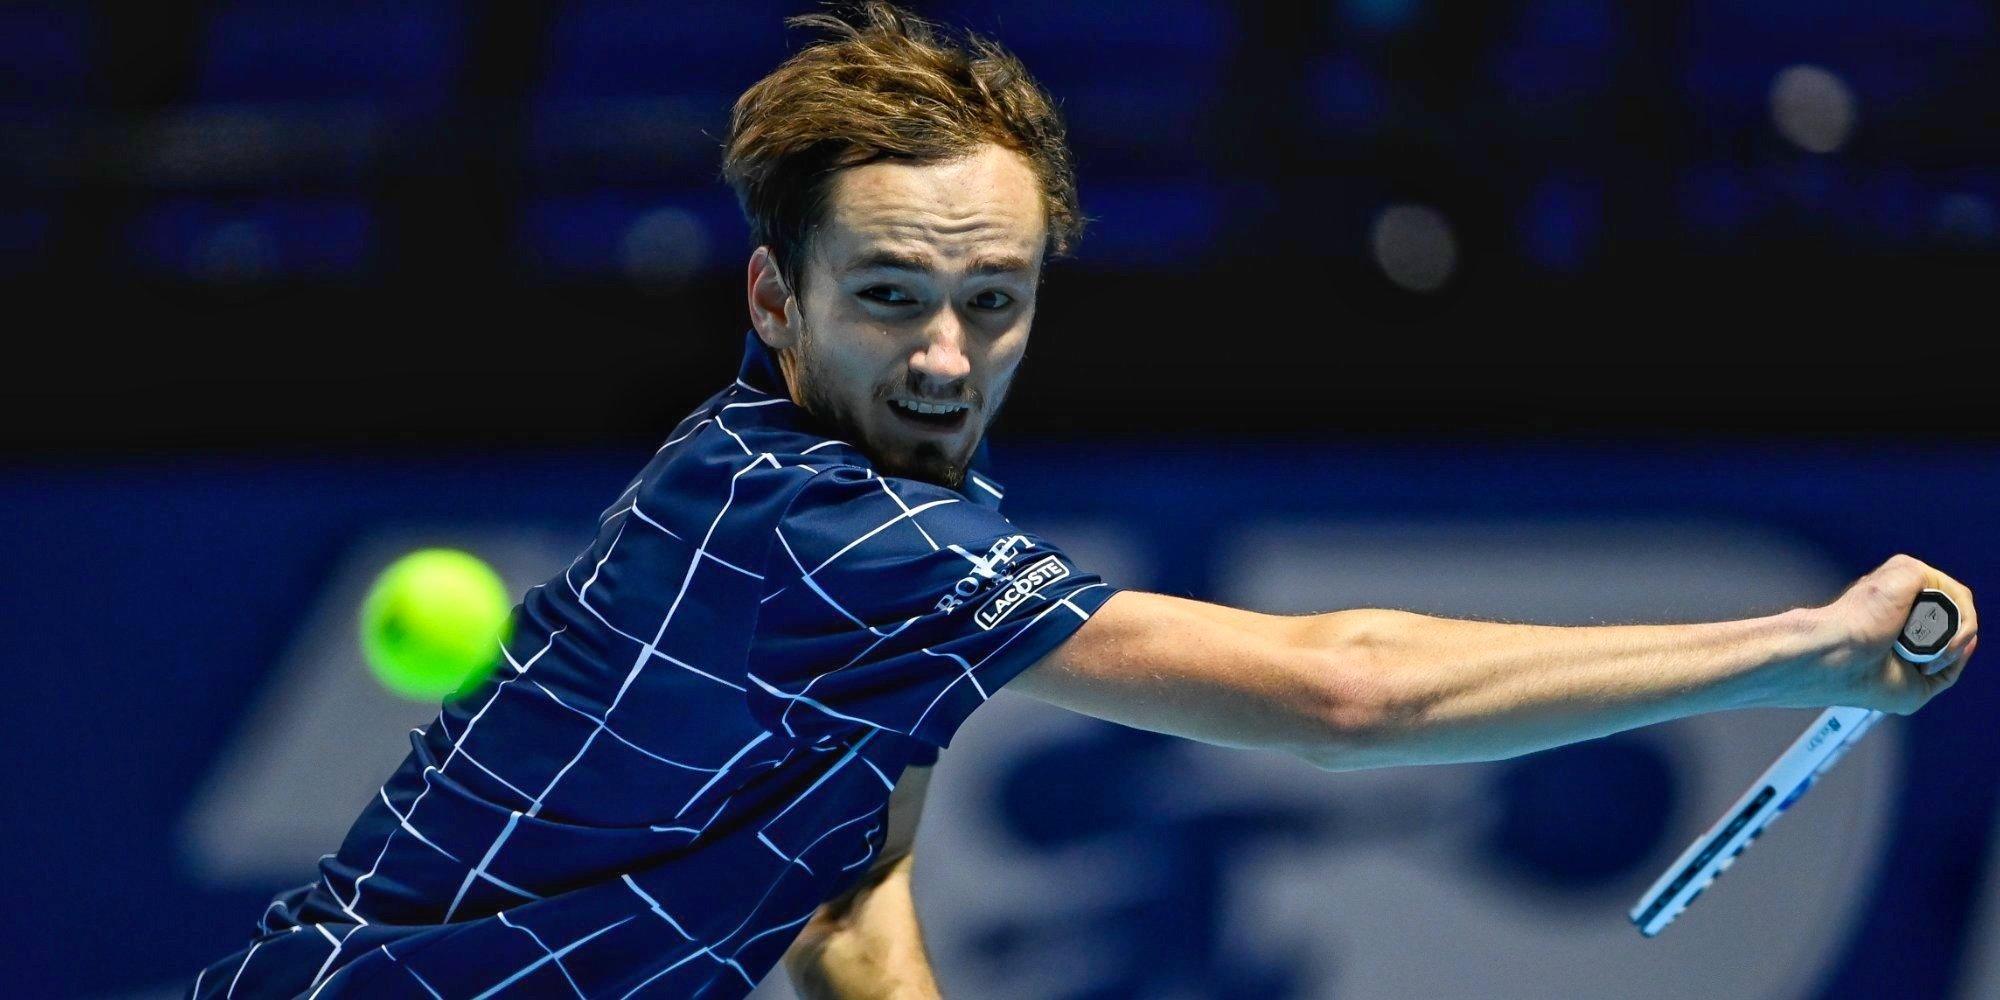 Тарпищев назвал причину поражения Медведева и Карацева в парном разряде на Олимпиаде